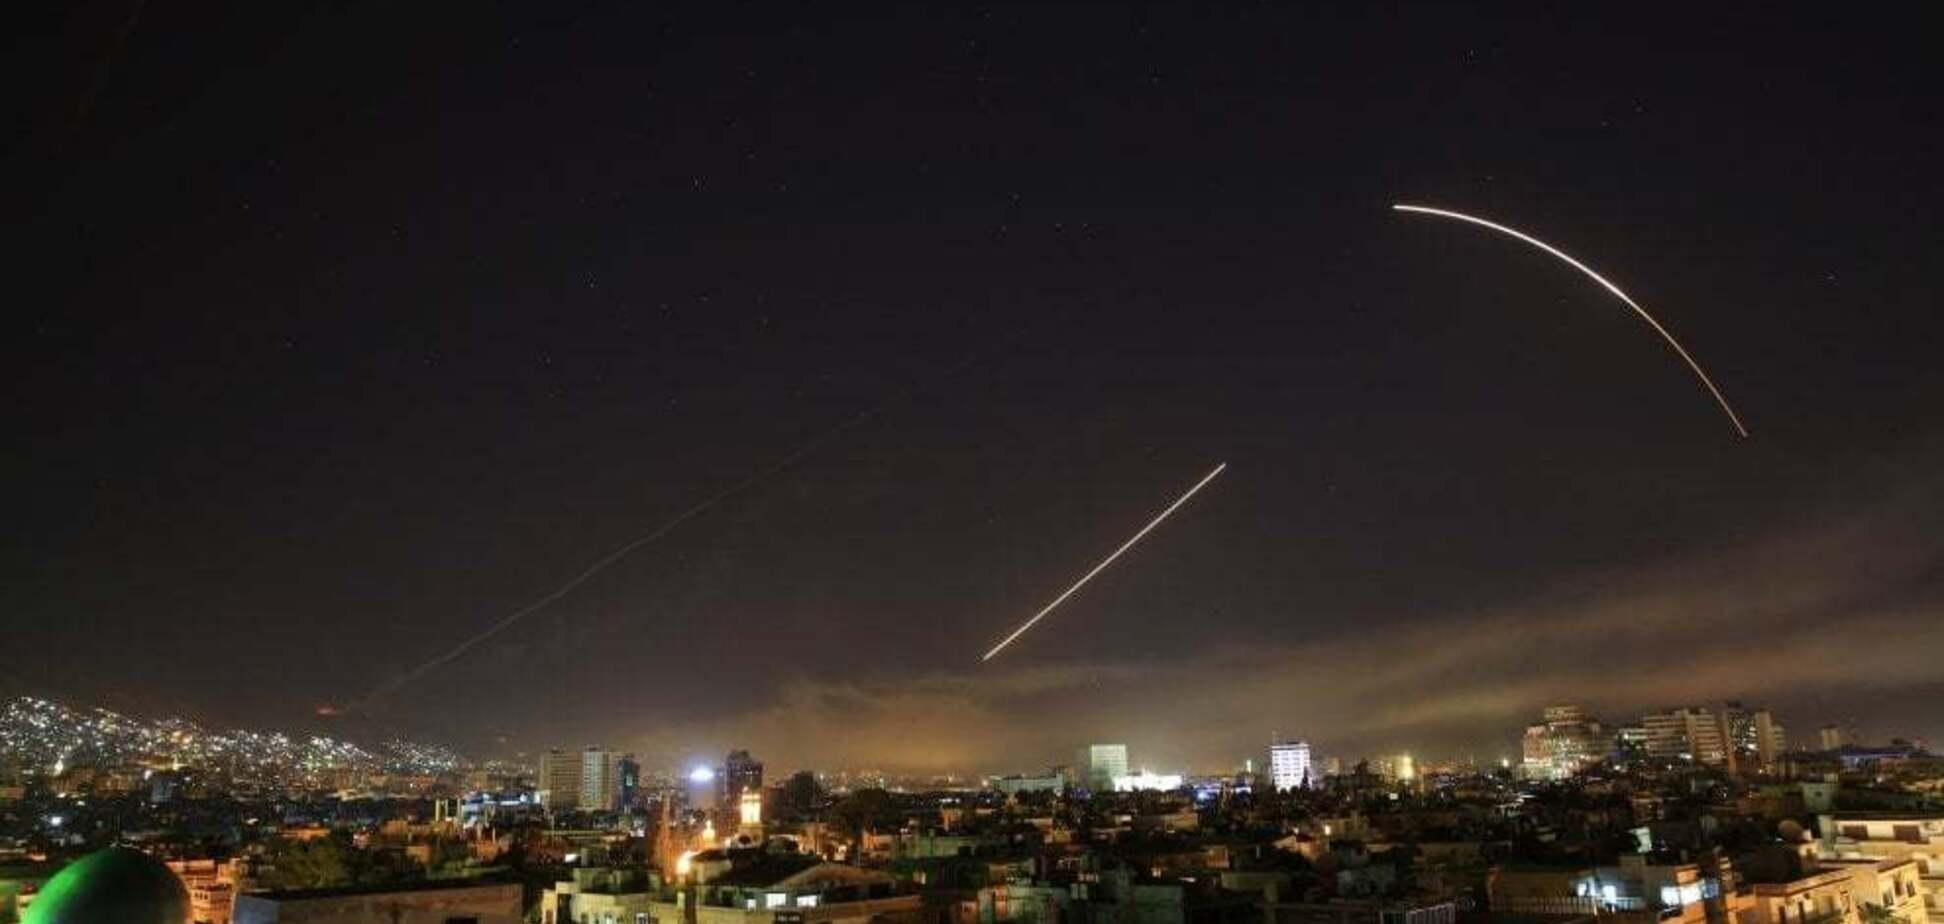 'Похоже на 'договорняк': в ракетном ударе по Сирии увидели странное